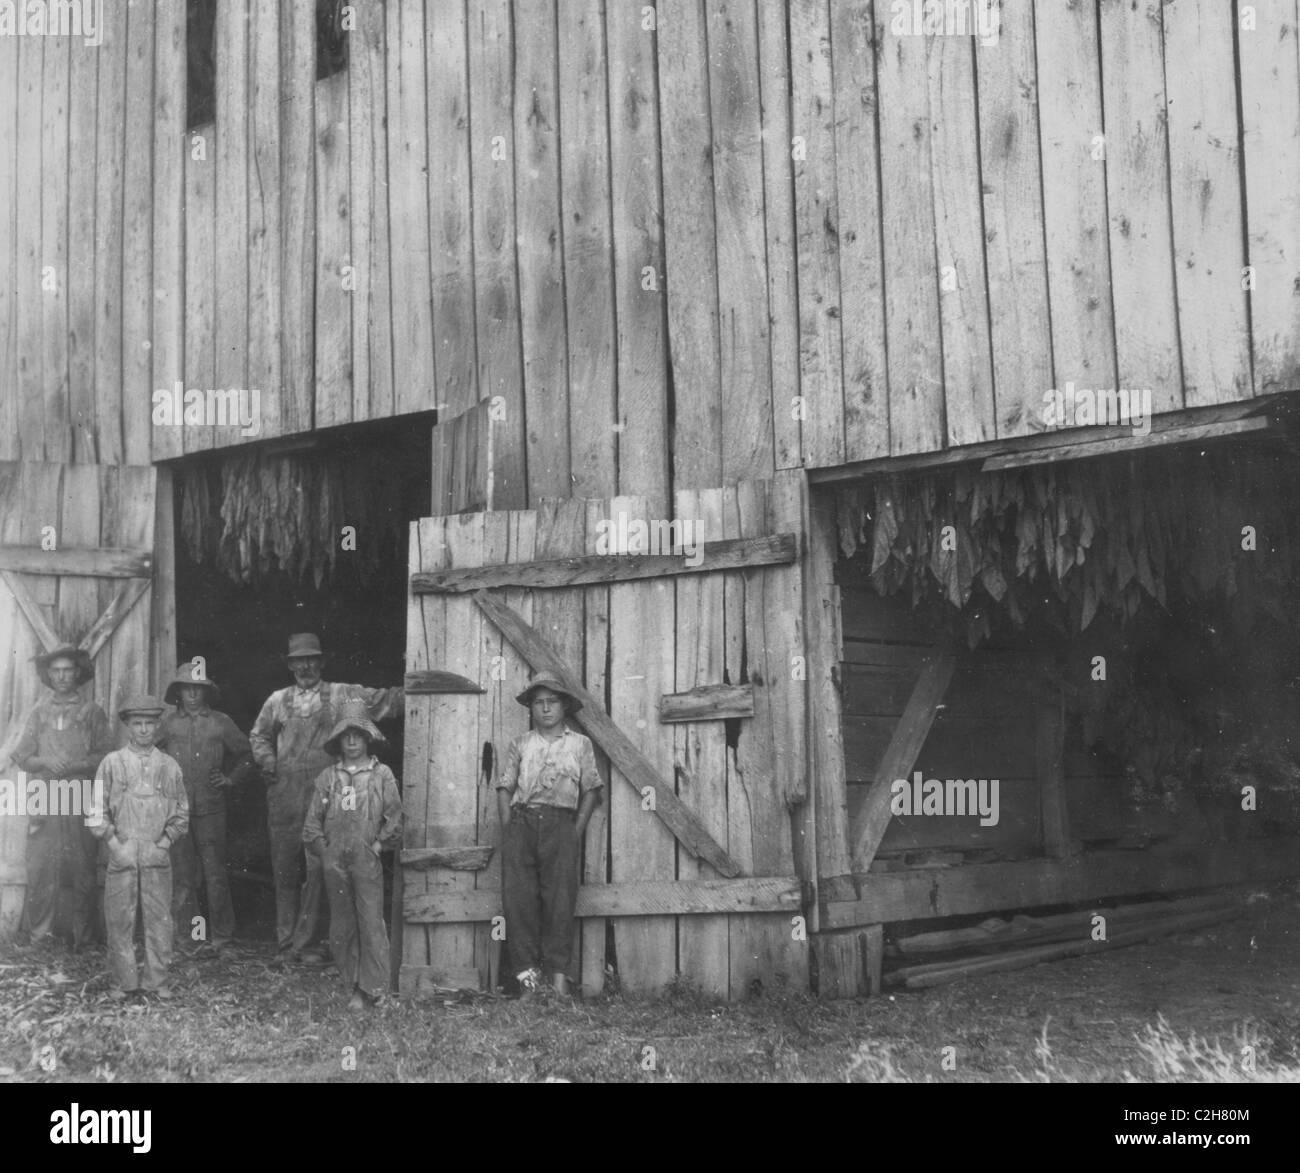 Tobacco drying Barn of Daniel Barrett - Stock Image